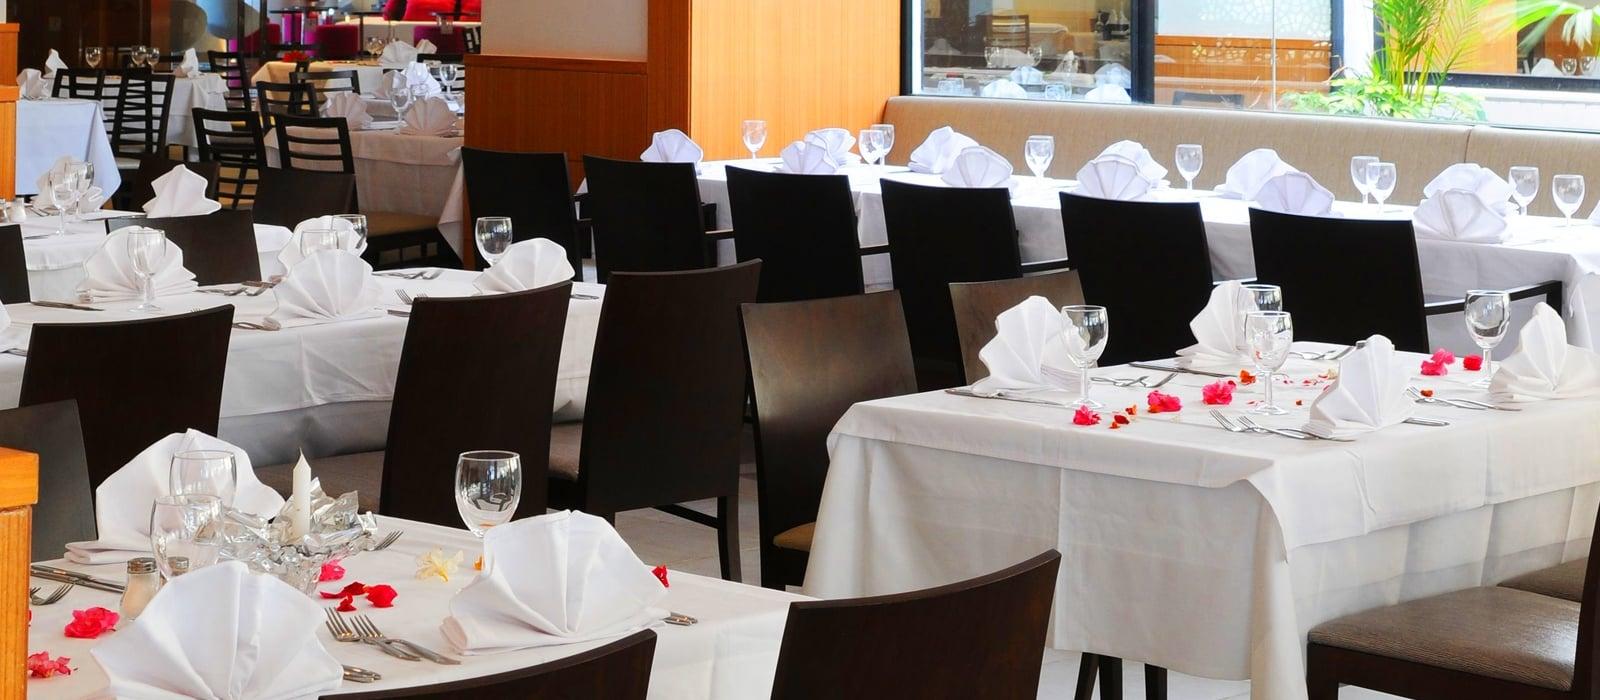 Reuniones y Eventos Hotel Hamammet Nozha Beach - Vincci Hoteles